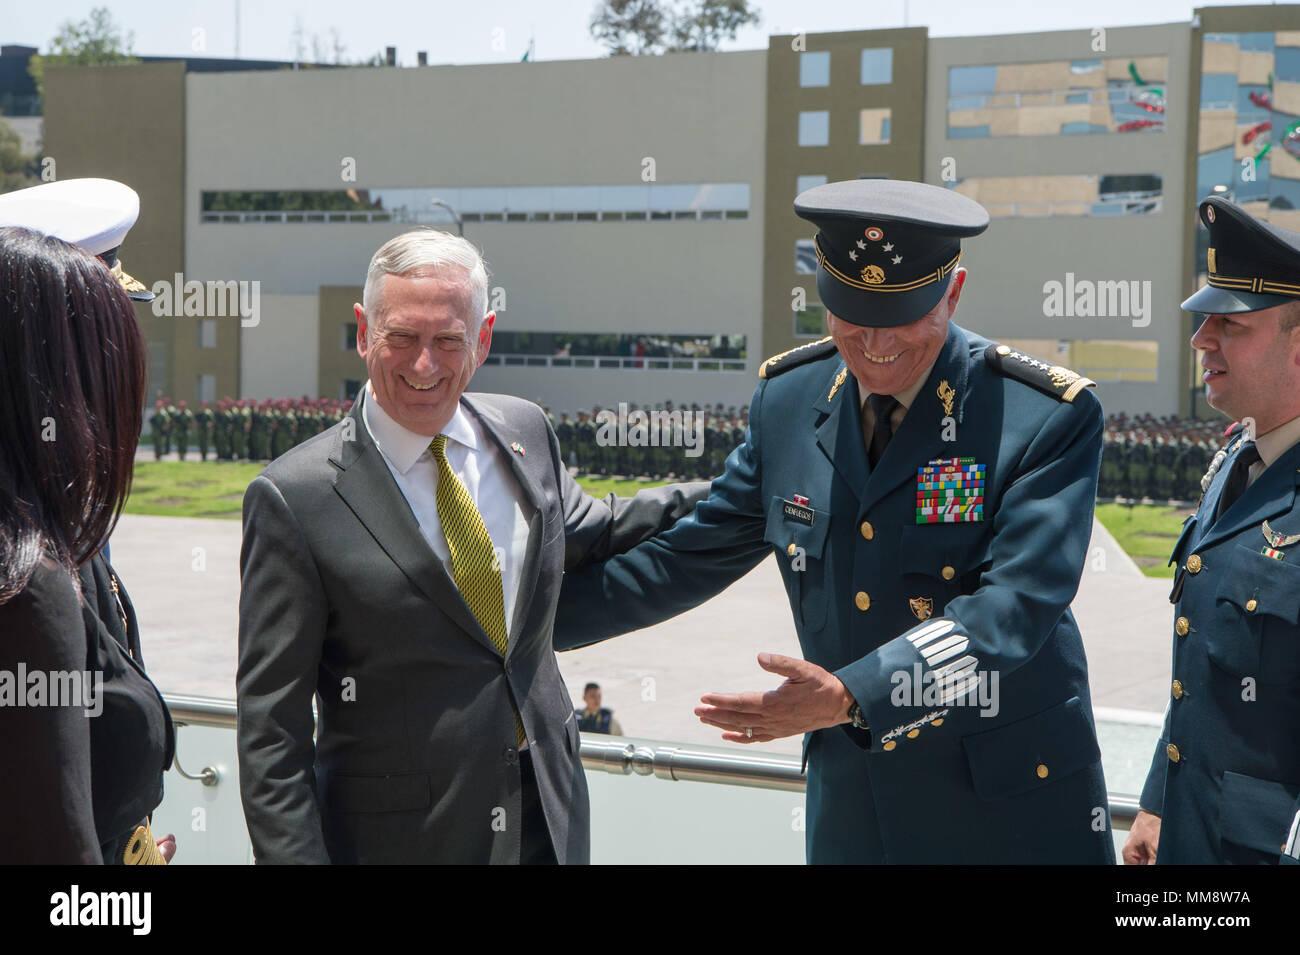 El Secretario De Defensa Jim Mattis Stands Con El General Salvador Cienfuegos Zepeda Secretaria De La